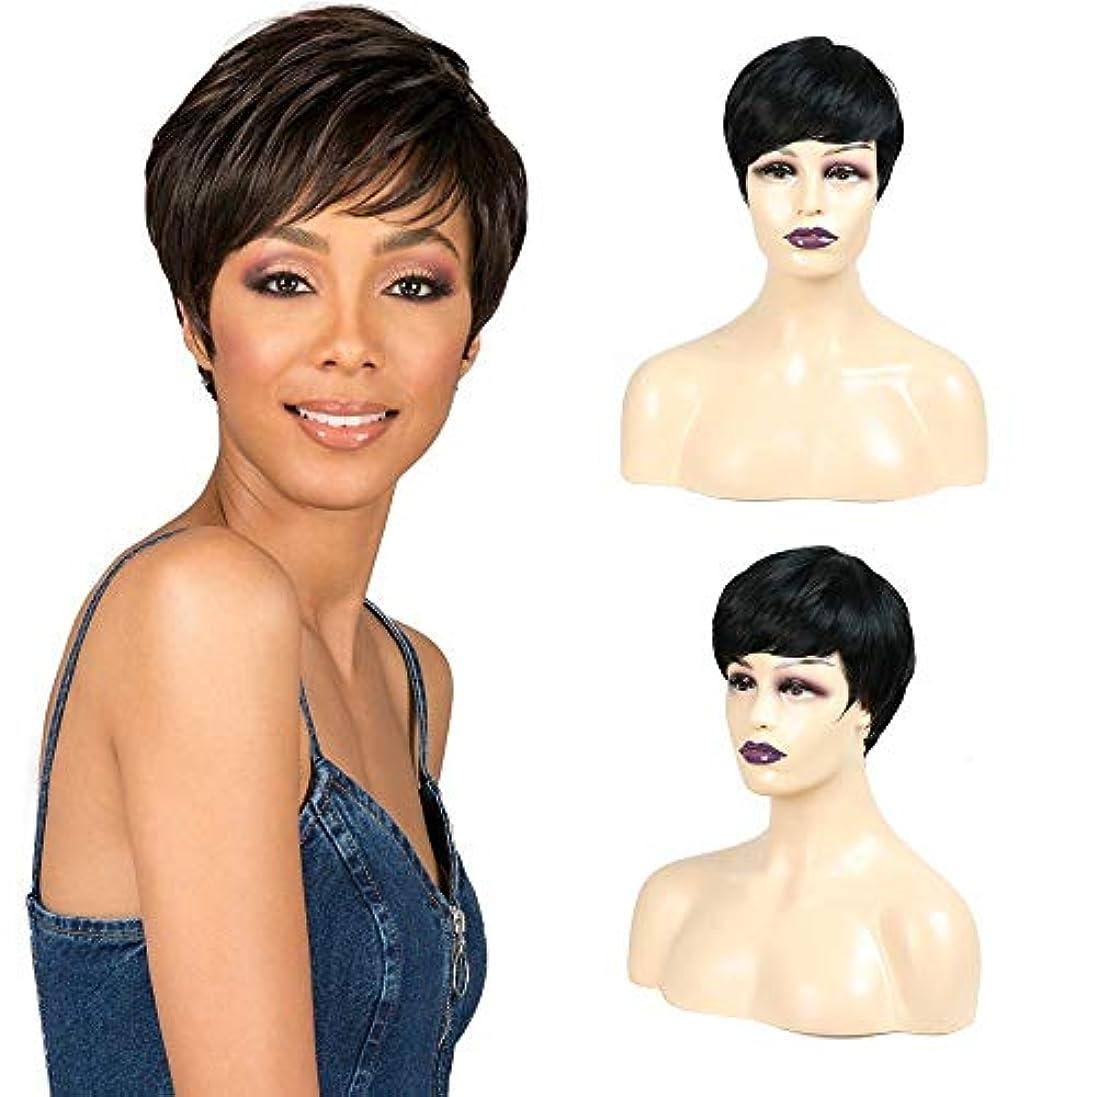 大きさ唯物論トーストYOUQIU レディース上品なボブスタイルサイドパート髪デイリーでショートストレート黒人工毛ウィッグウィッグを着用してください (色 : 黒)